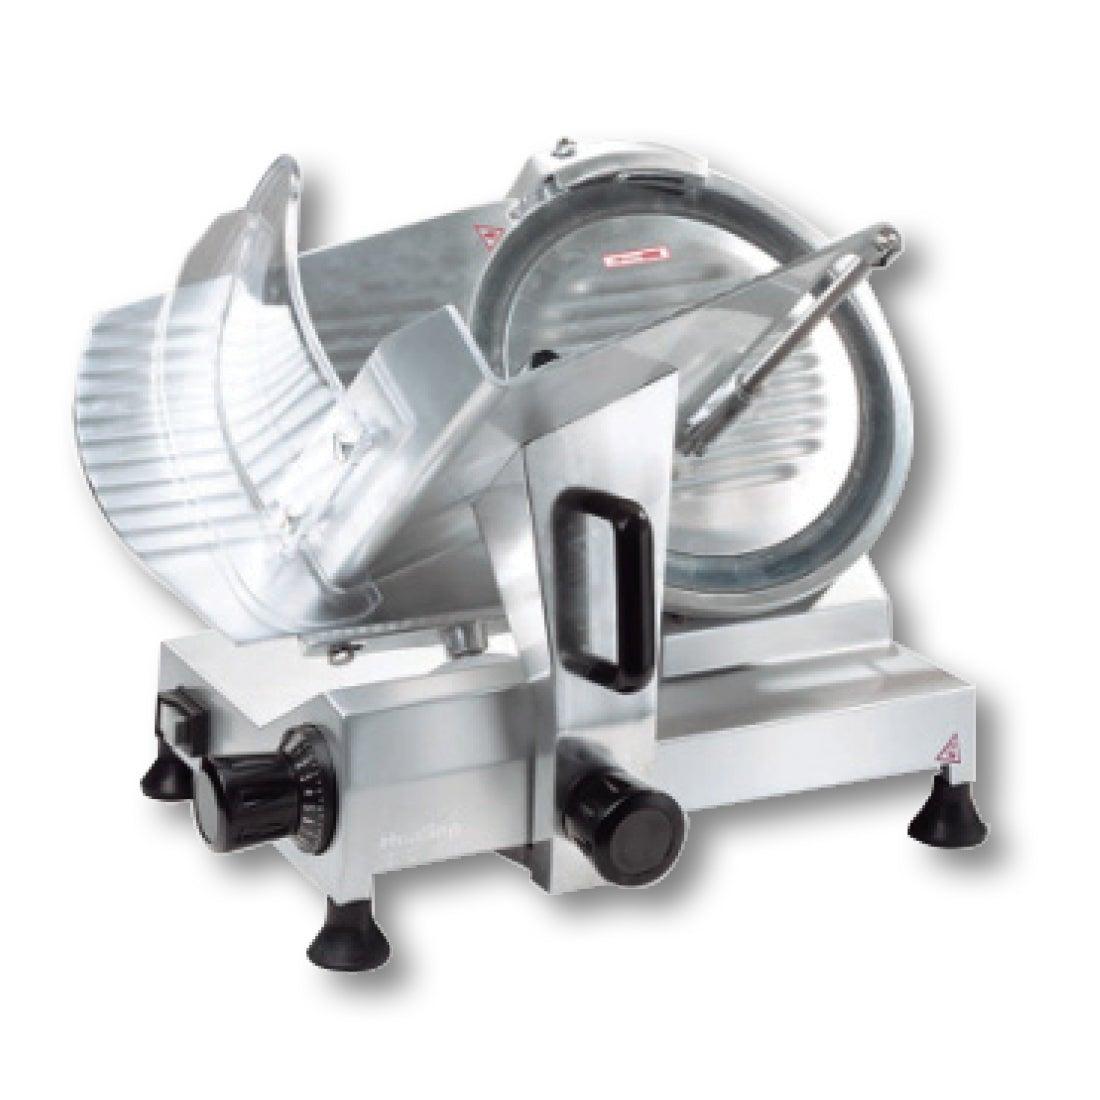 VC Jacks Professional Deli Slicer HBS-250 Meat Slicers